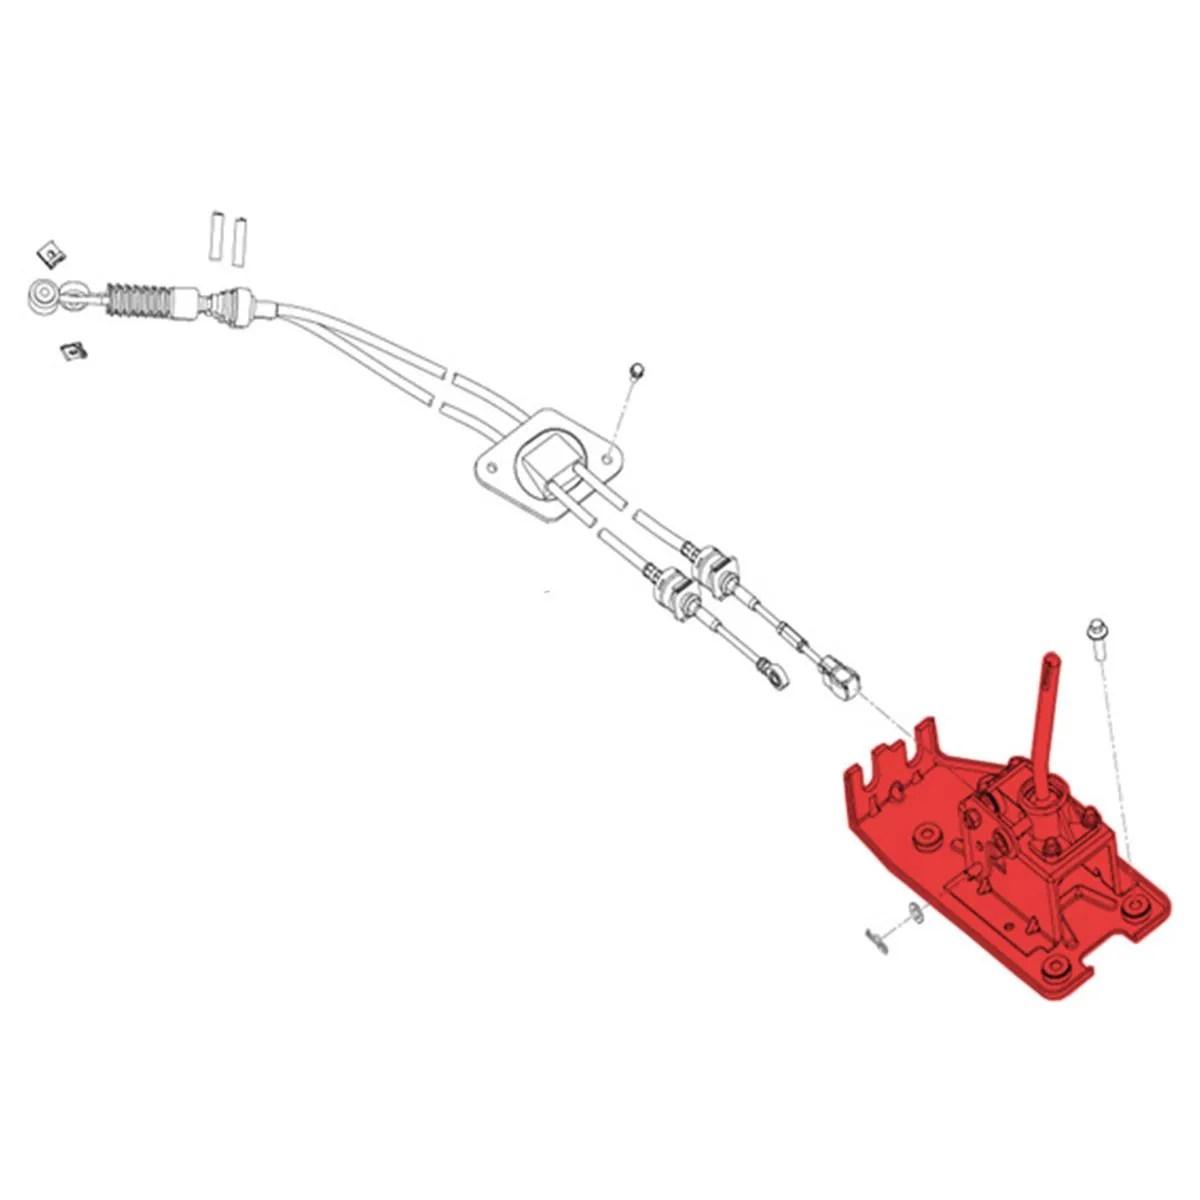 CONJUNTO ALAVANCA / TRAMBULADOR LIFAN X60 1.8 16V VVT